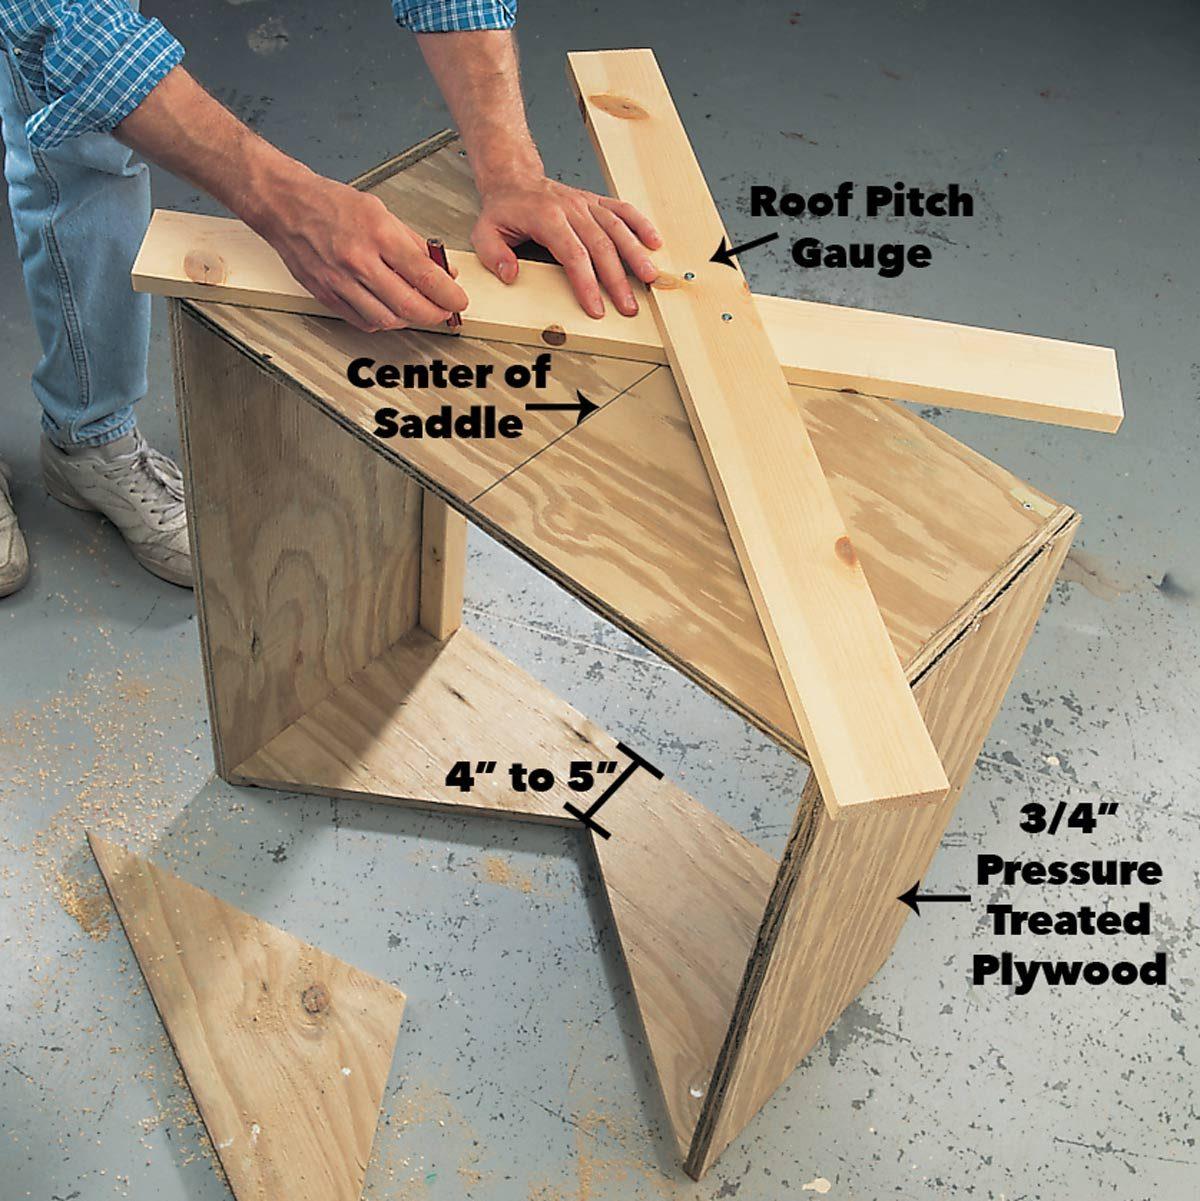 Trace the cut on the saddle cupola